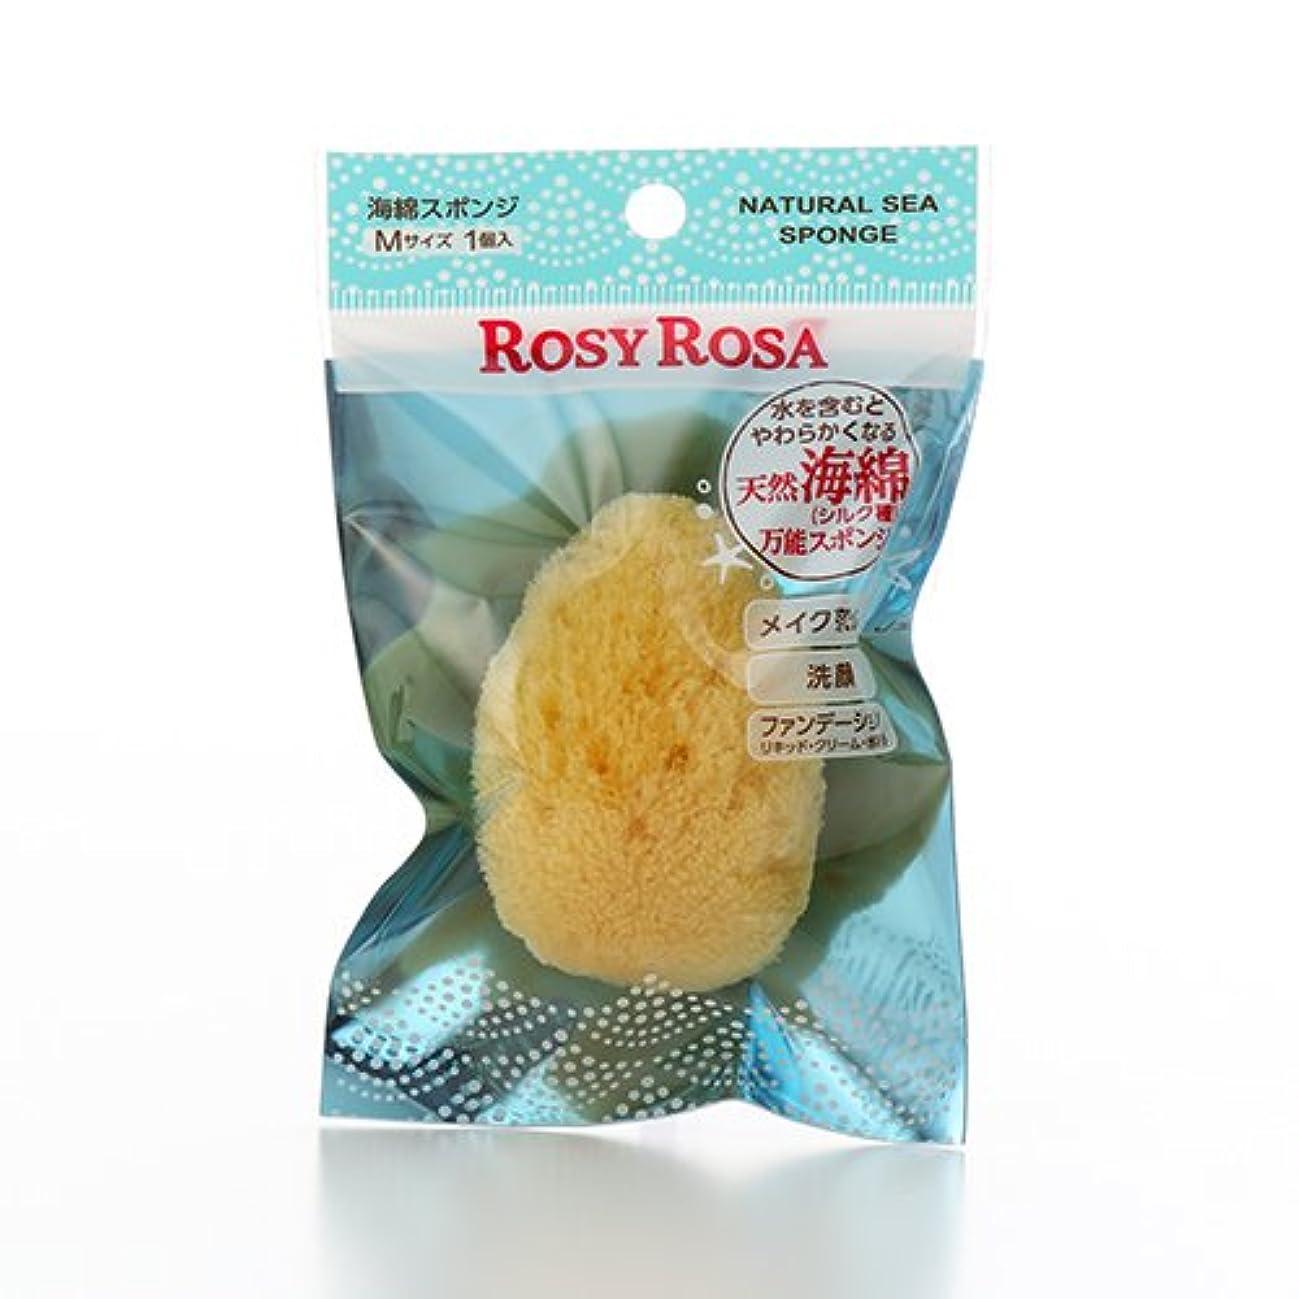 落ち着くシェア成功するロージーローザ 天然海綿スポンジ Mサイズ 1個入 【水を含むとやわらかくなる天然海綿(シルク種) メイク落とし、洗顔、ファンデーションに】